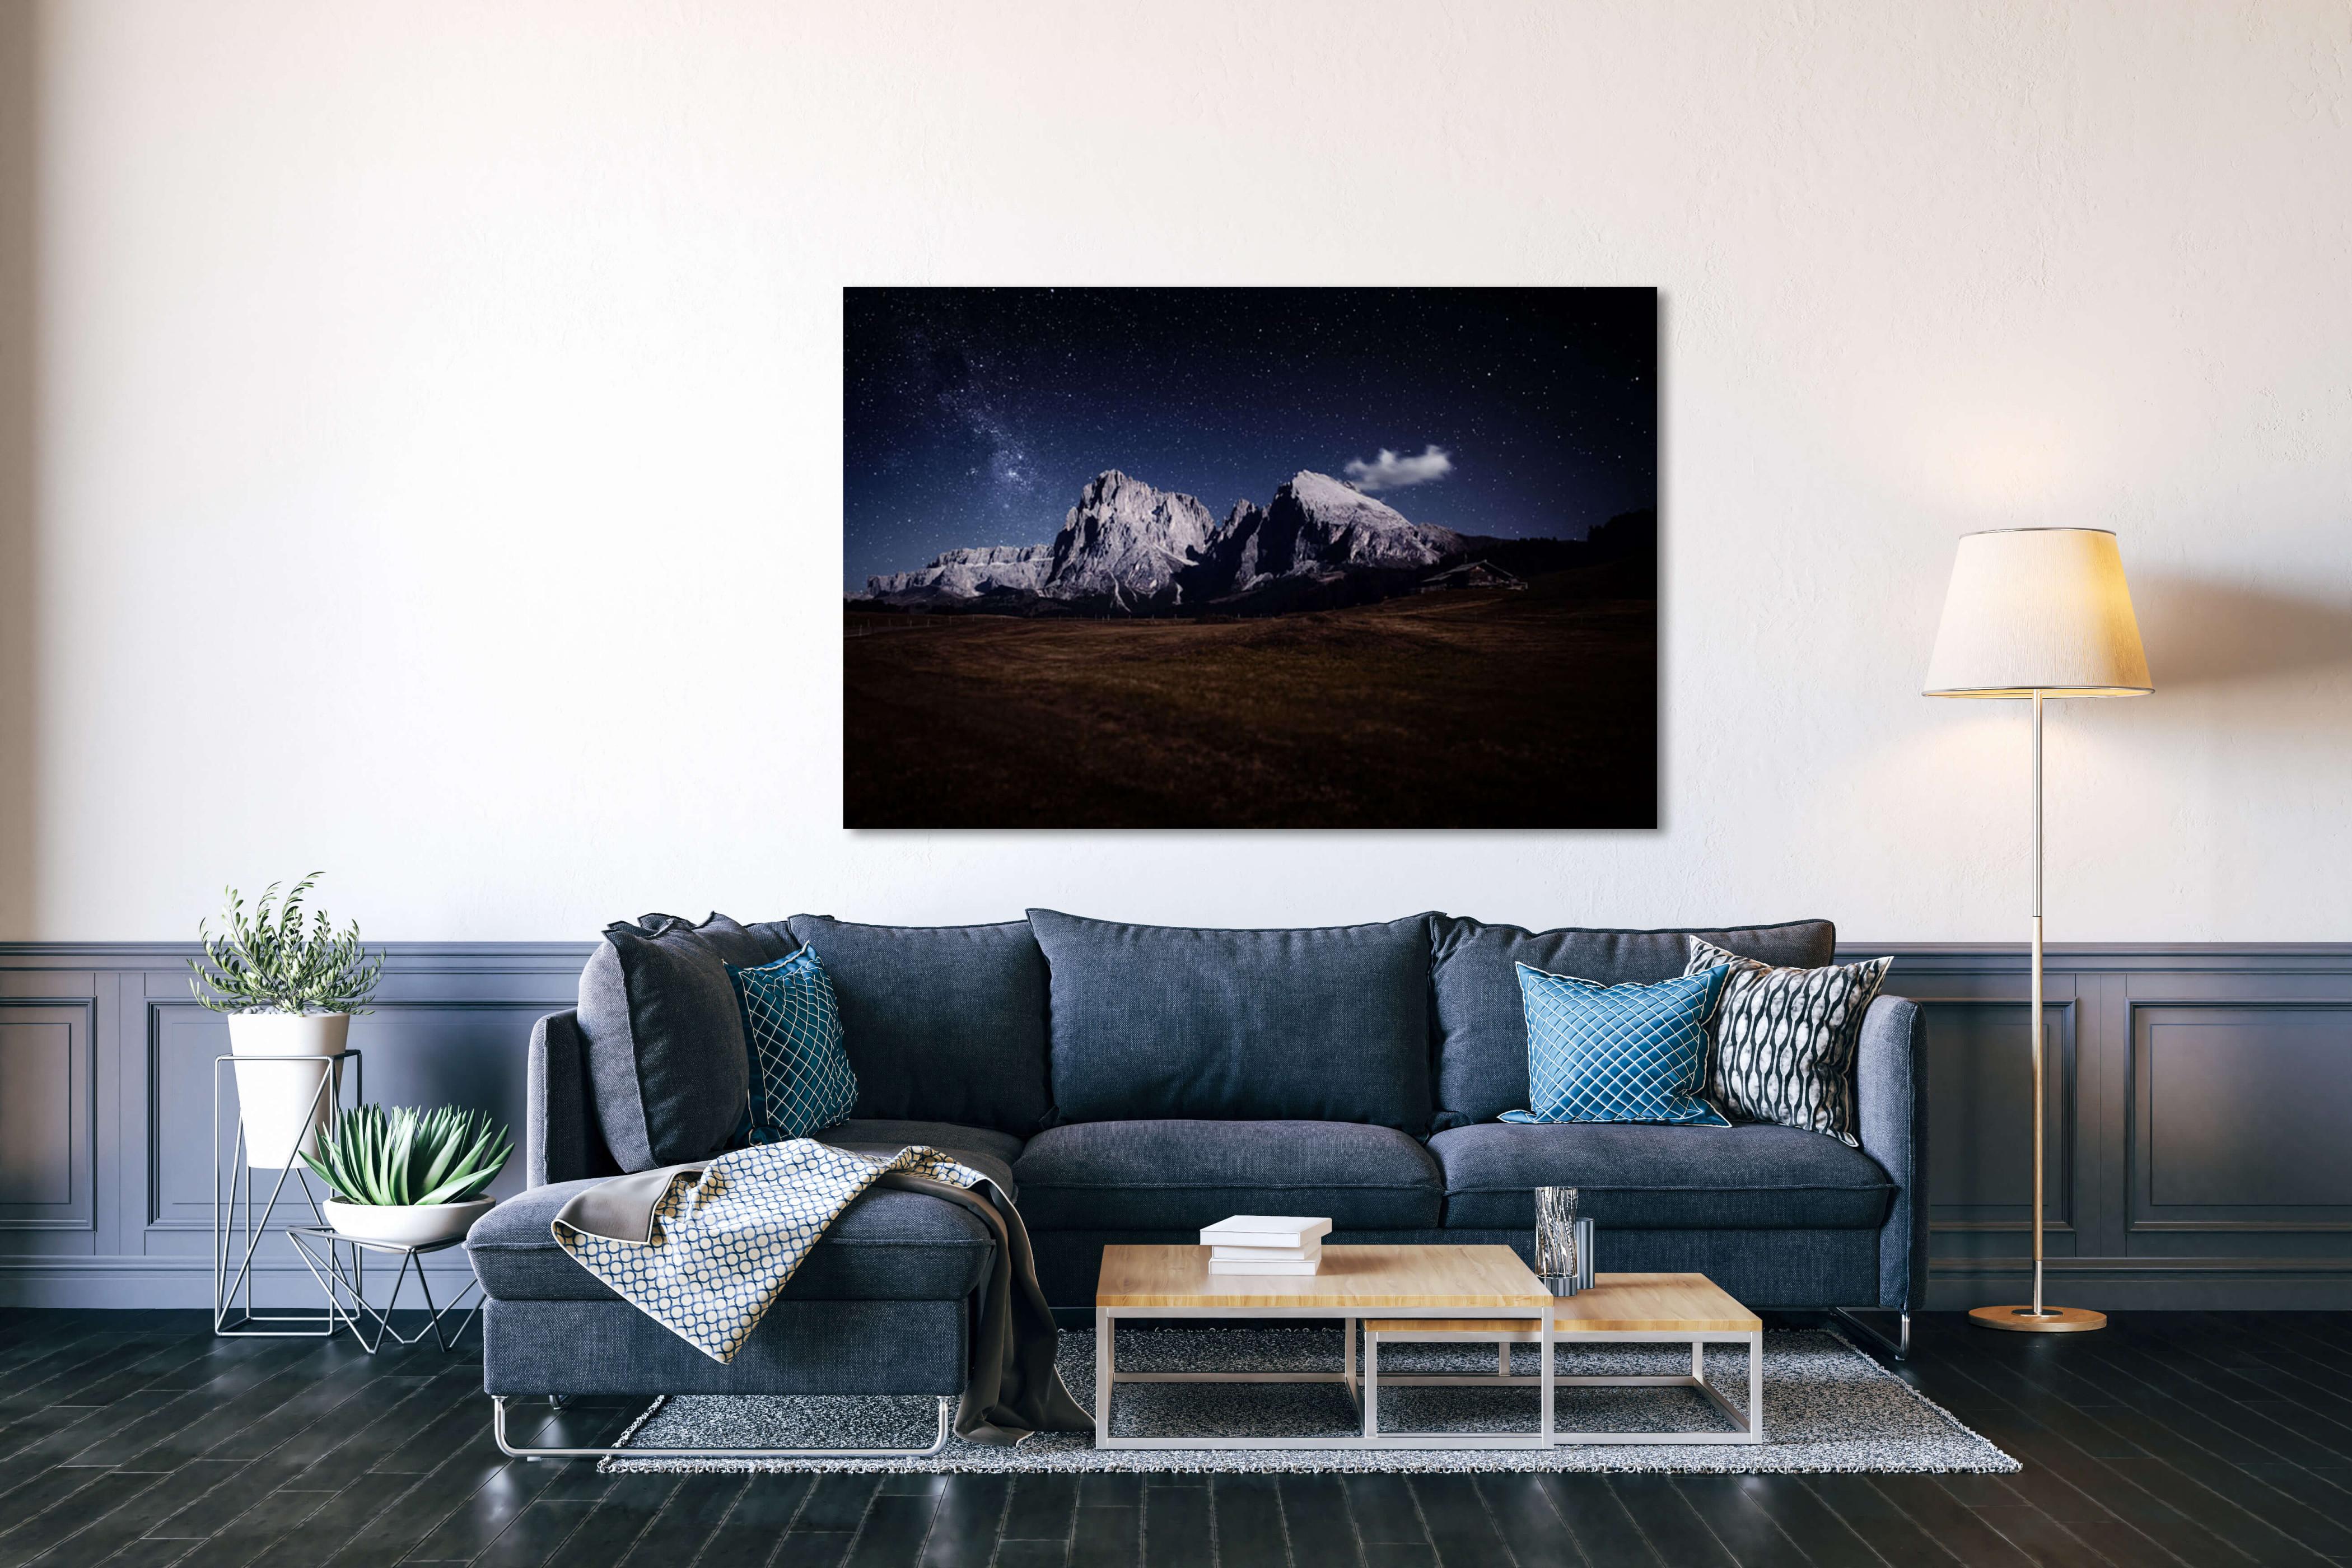 Wandbilder Fürs Wohnzimmer • Nugloss Blog • Tipps Für von Bilder Für Das Wohnzimmer Bild